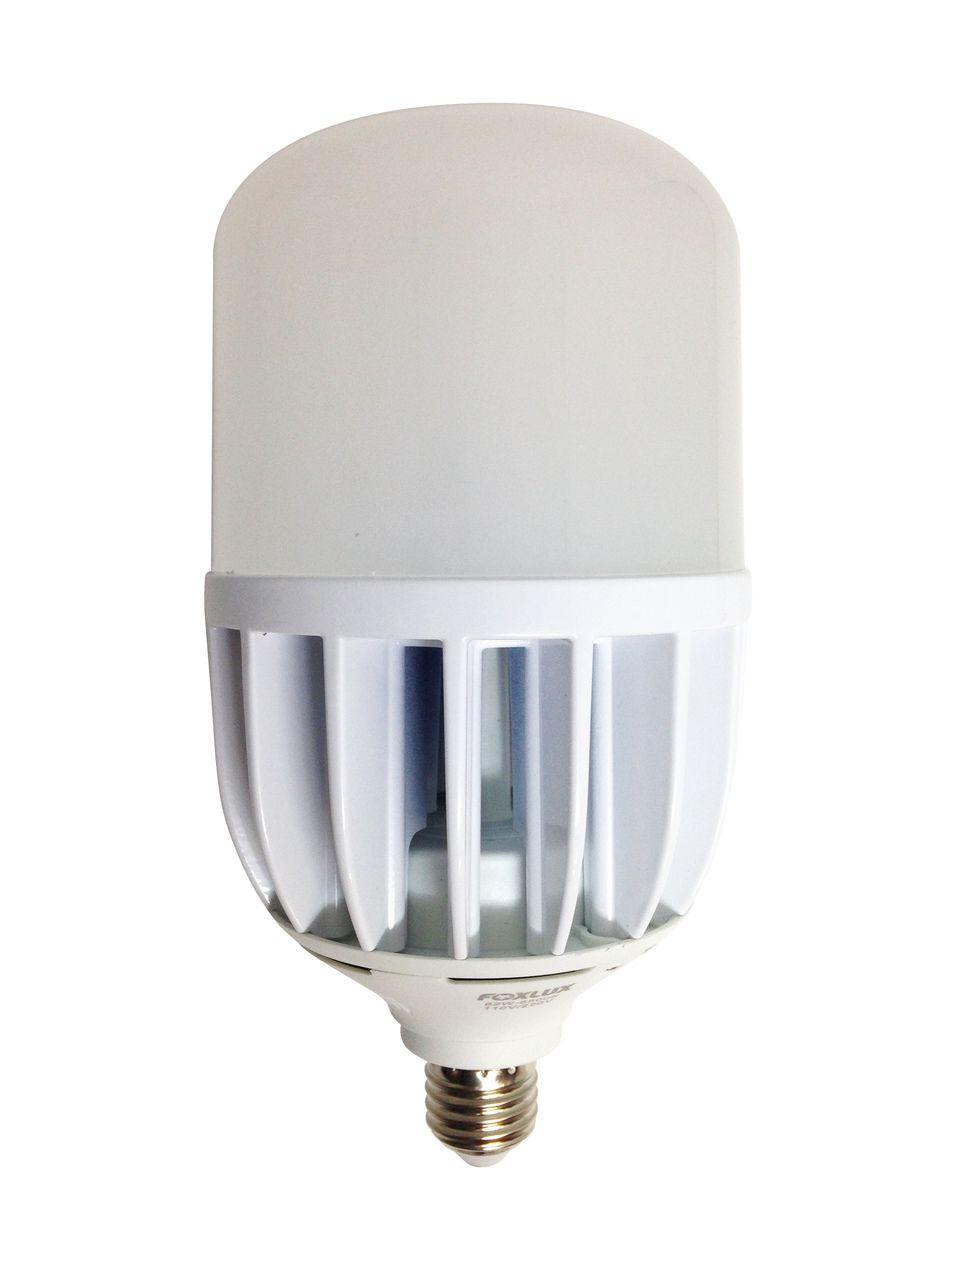 Lâmpada super LED Alta Potência 62W 6500K BIVOLT FOXLUX